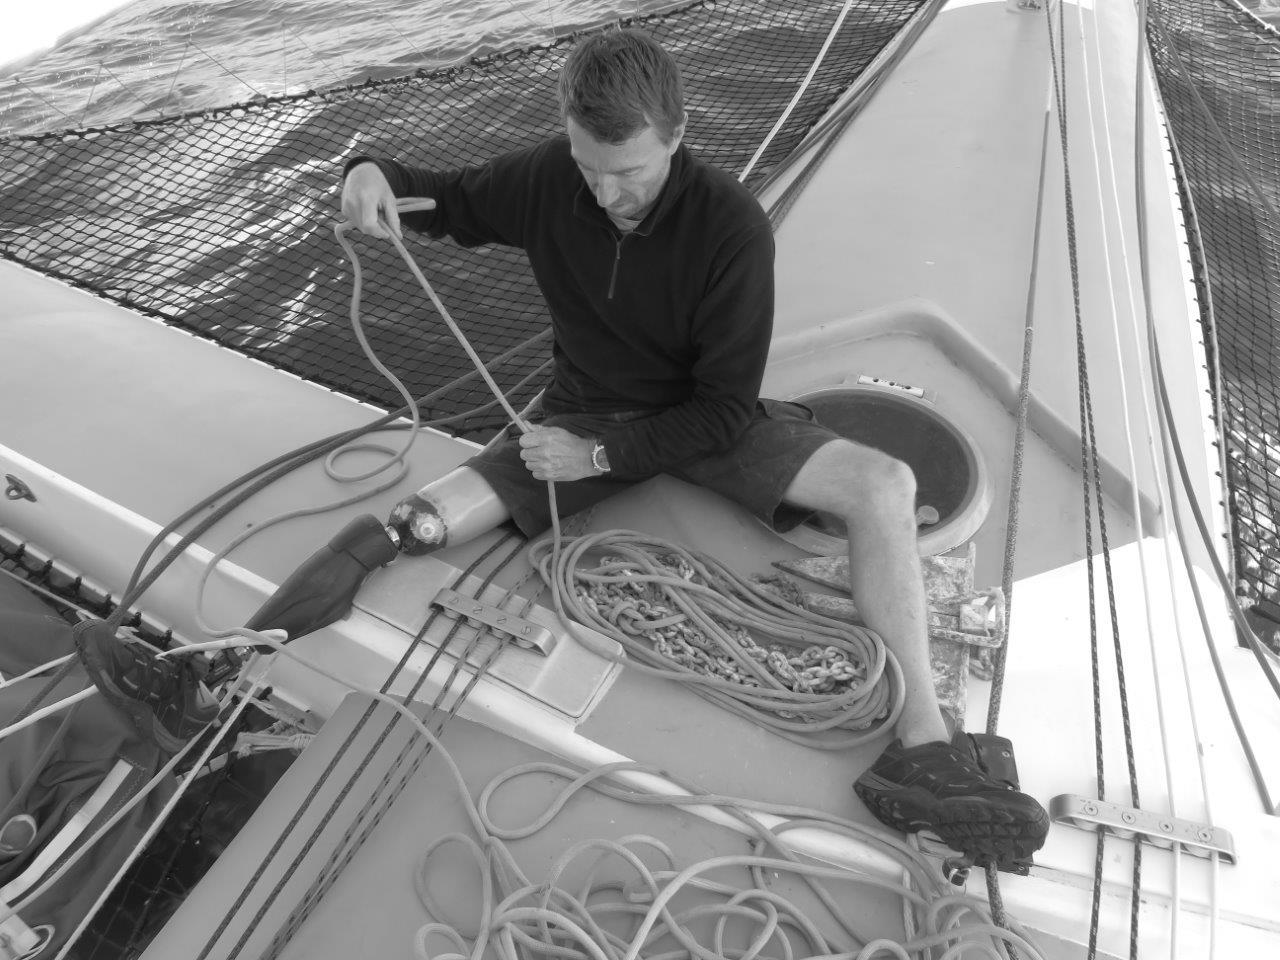 appareillage spécifique pour les sports nautiques